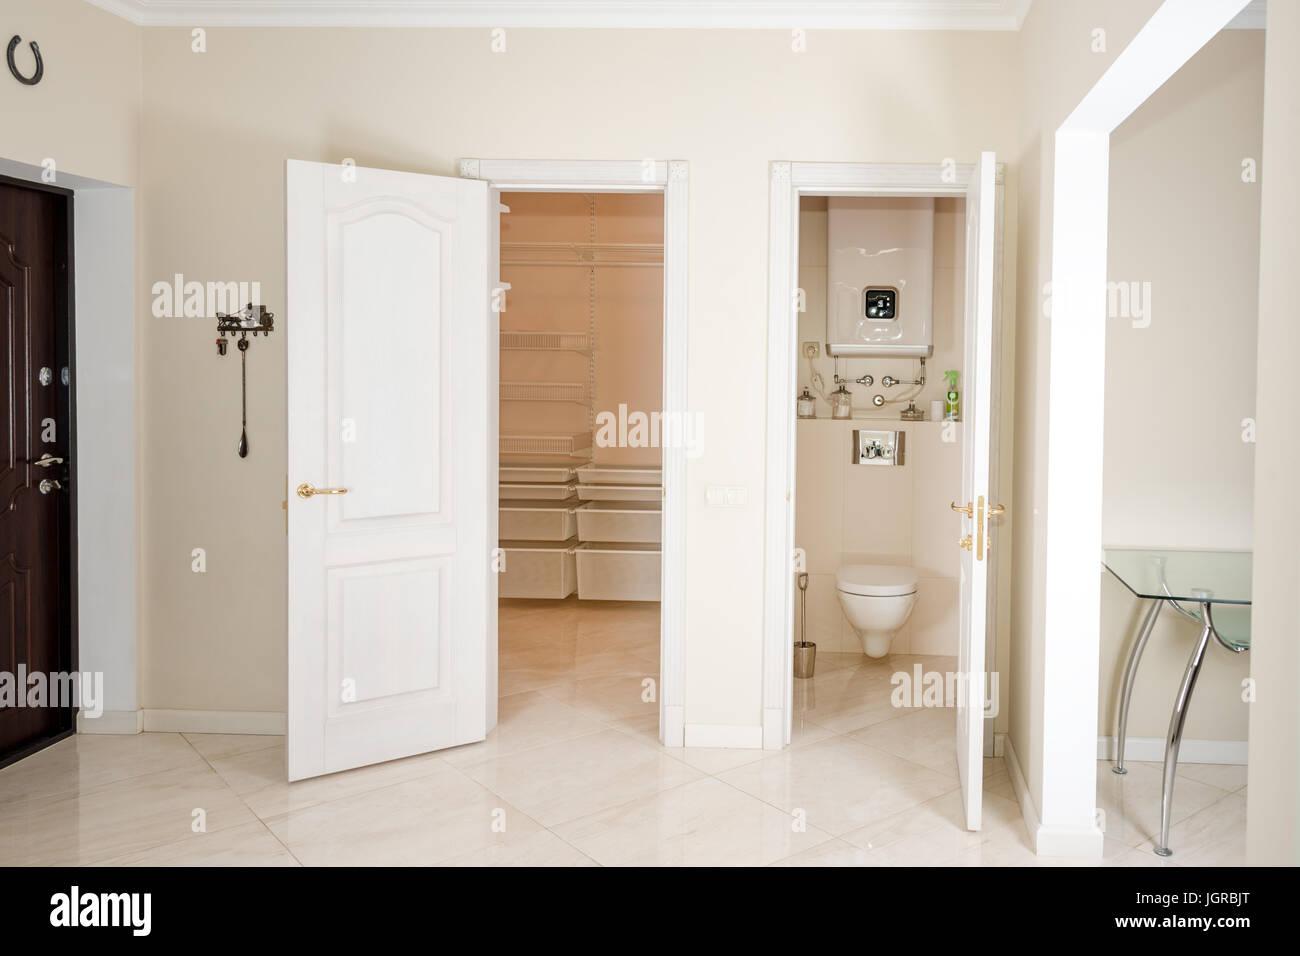 Haus innen. Eingangsbereich mit weißen Türen zum begehbaren ...